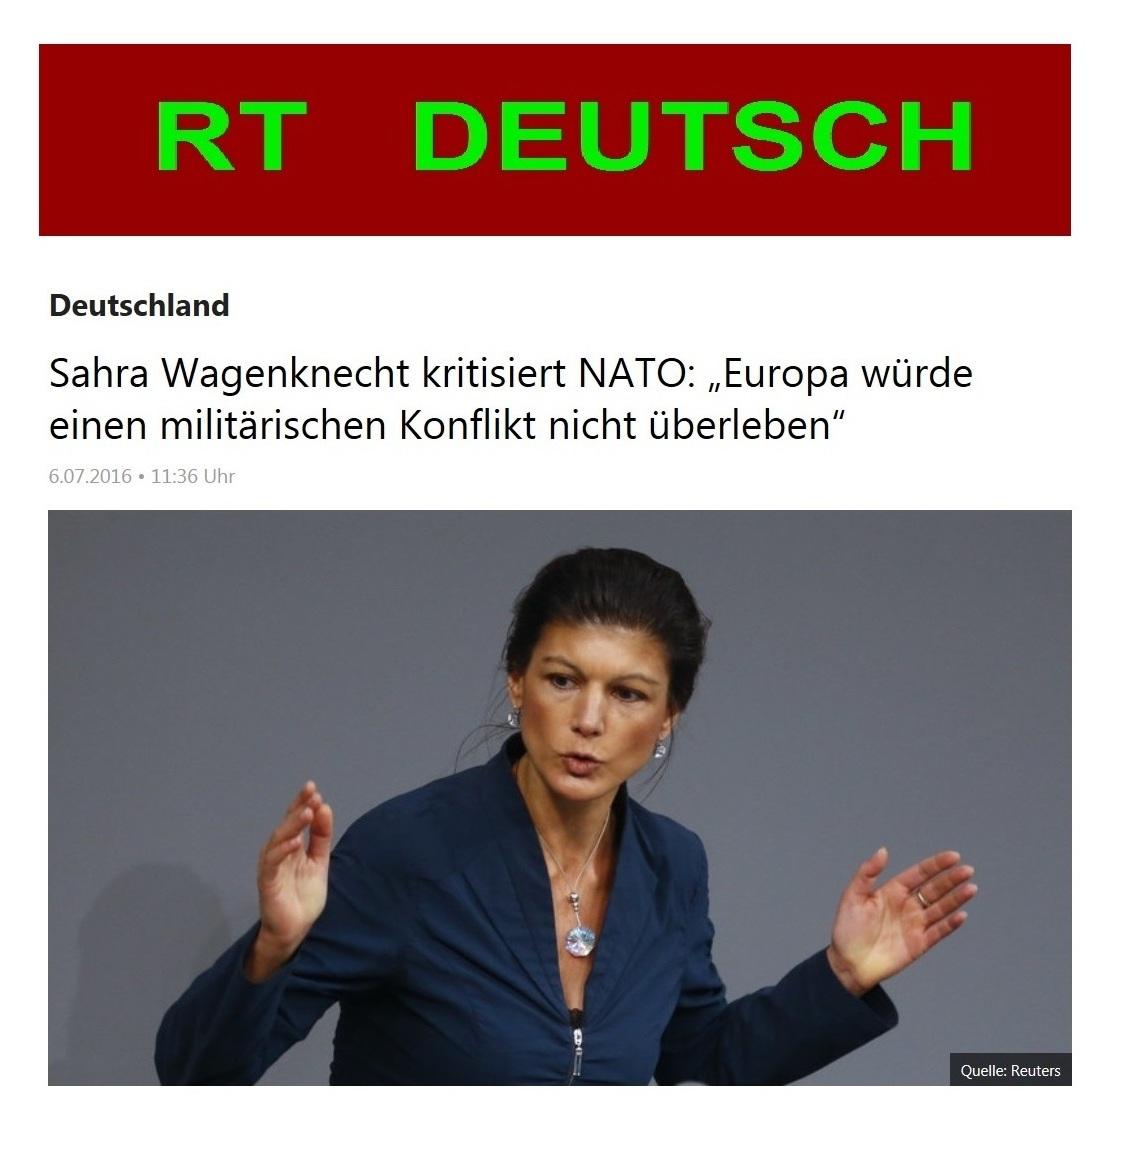 EUROPA-Friedensforum - Die Bundestagsabgeordnete Dr. Sahra Wagenknecht kritisiert die NATO. Im Interview mit RT DEUTSCH sagte die Fraktionsvorsitzende DIE LINKE im Deutschen Bundestag  unter anderem: Europa würde einen militärischen Konflikt nicht überleben!